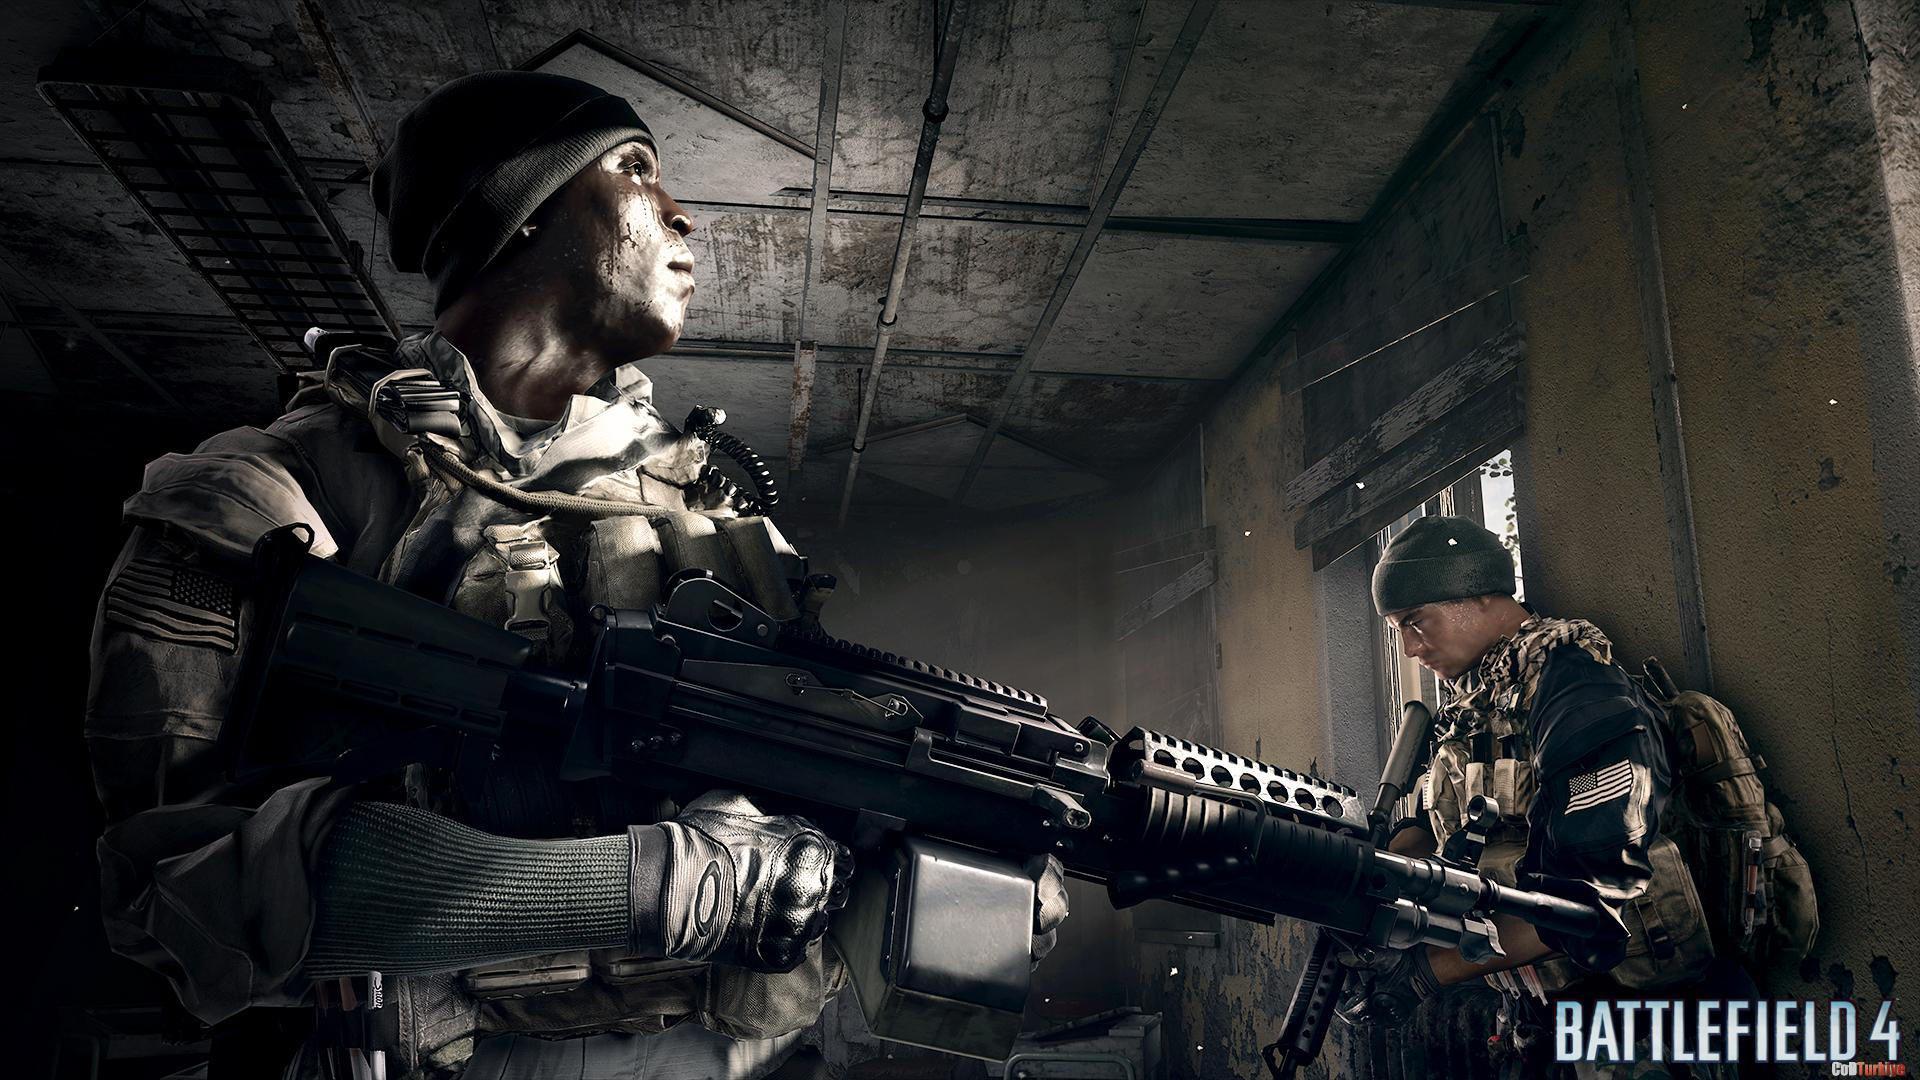 Battlefield 4 Wallpapers Close